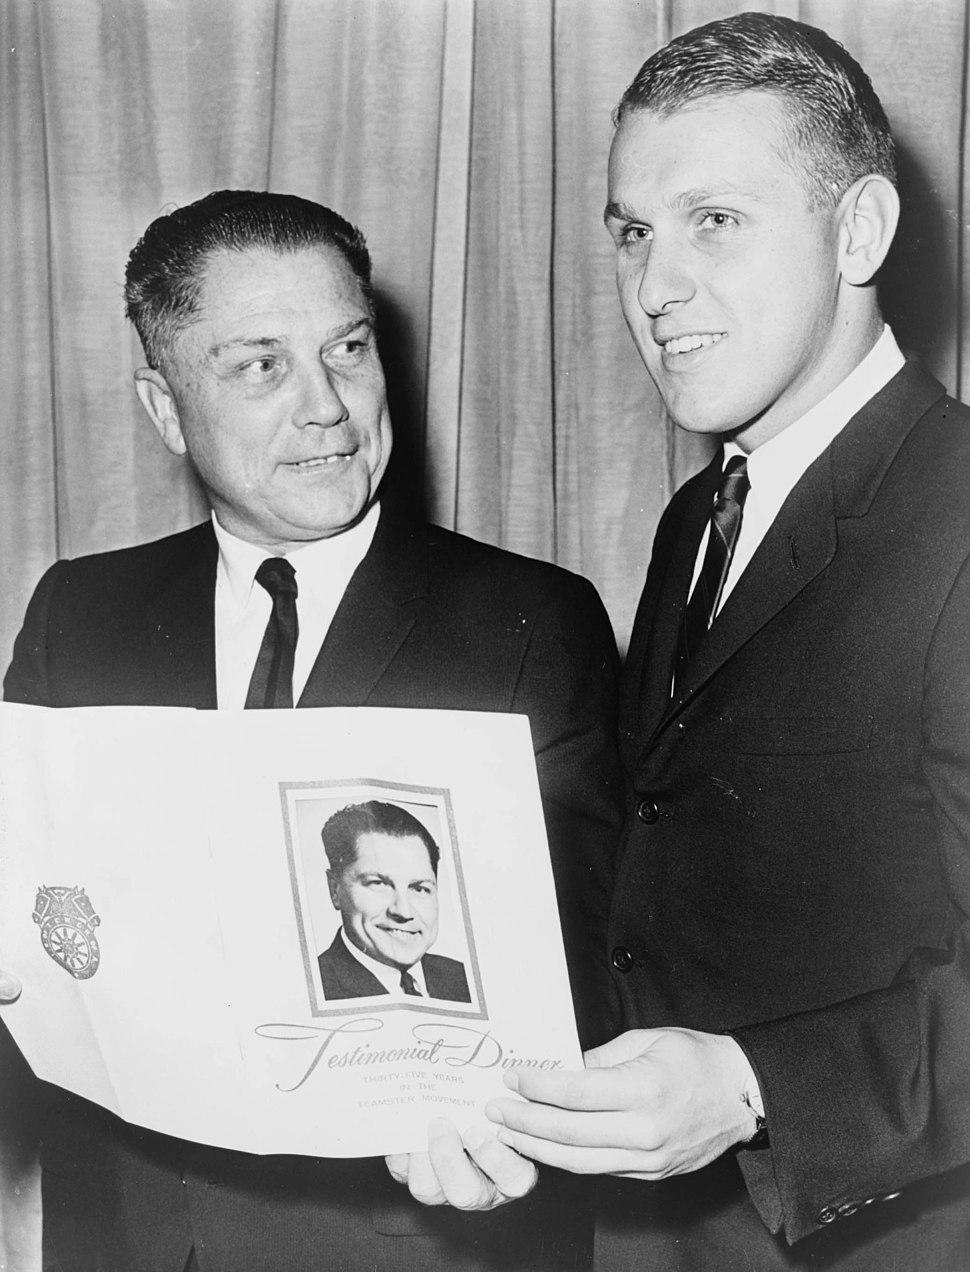 James R. Hoffa and James P. Hoffa NYWTS